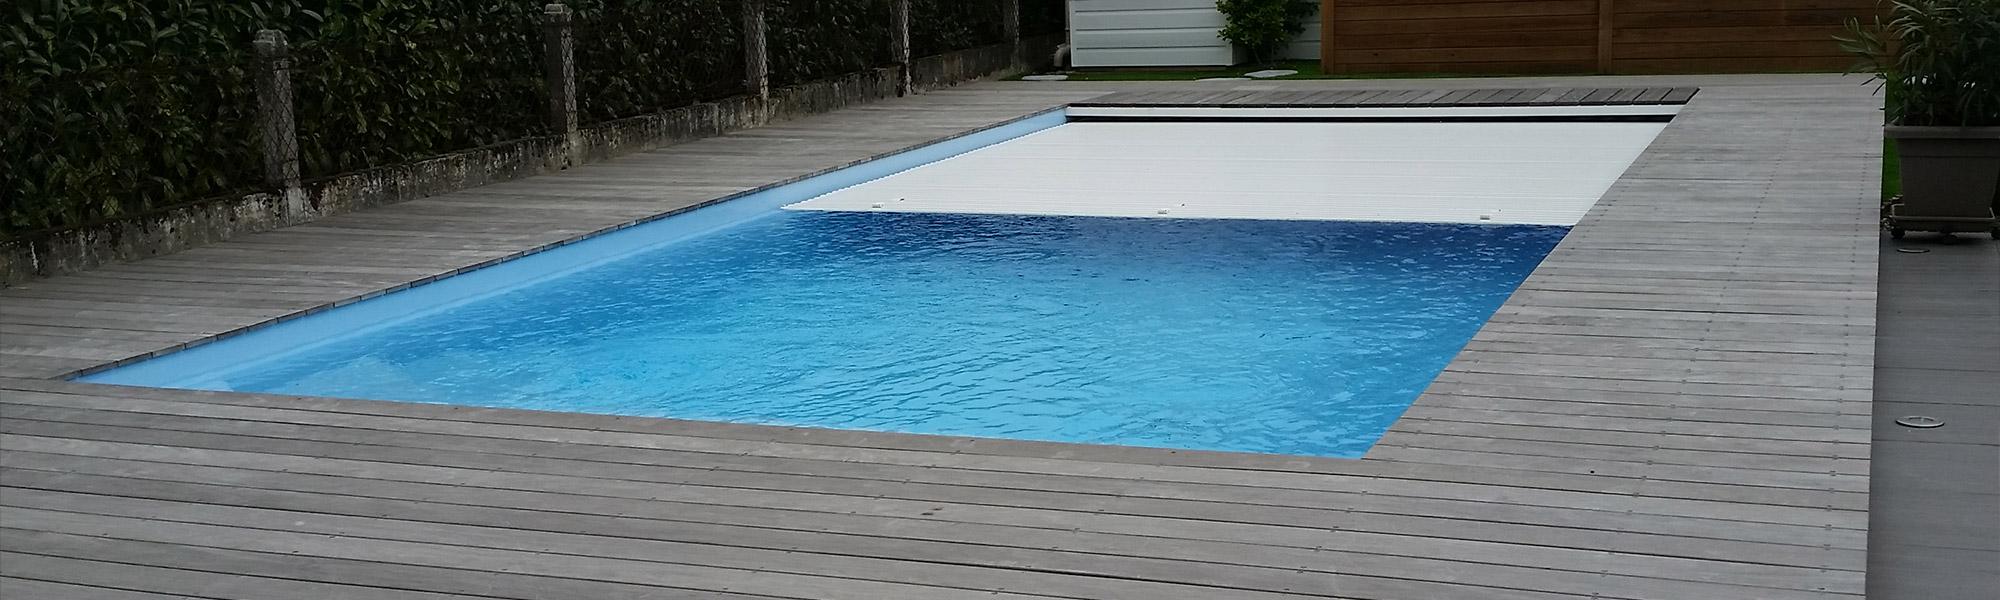 Piscine coque bordeaux d couvrez nos coques piscine en for Coque pour piscine prix